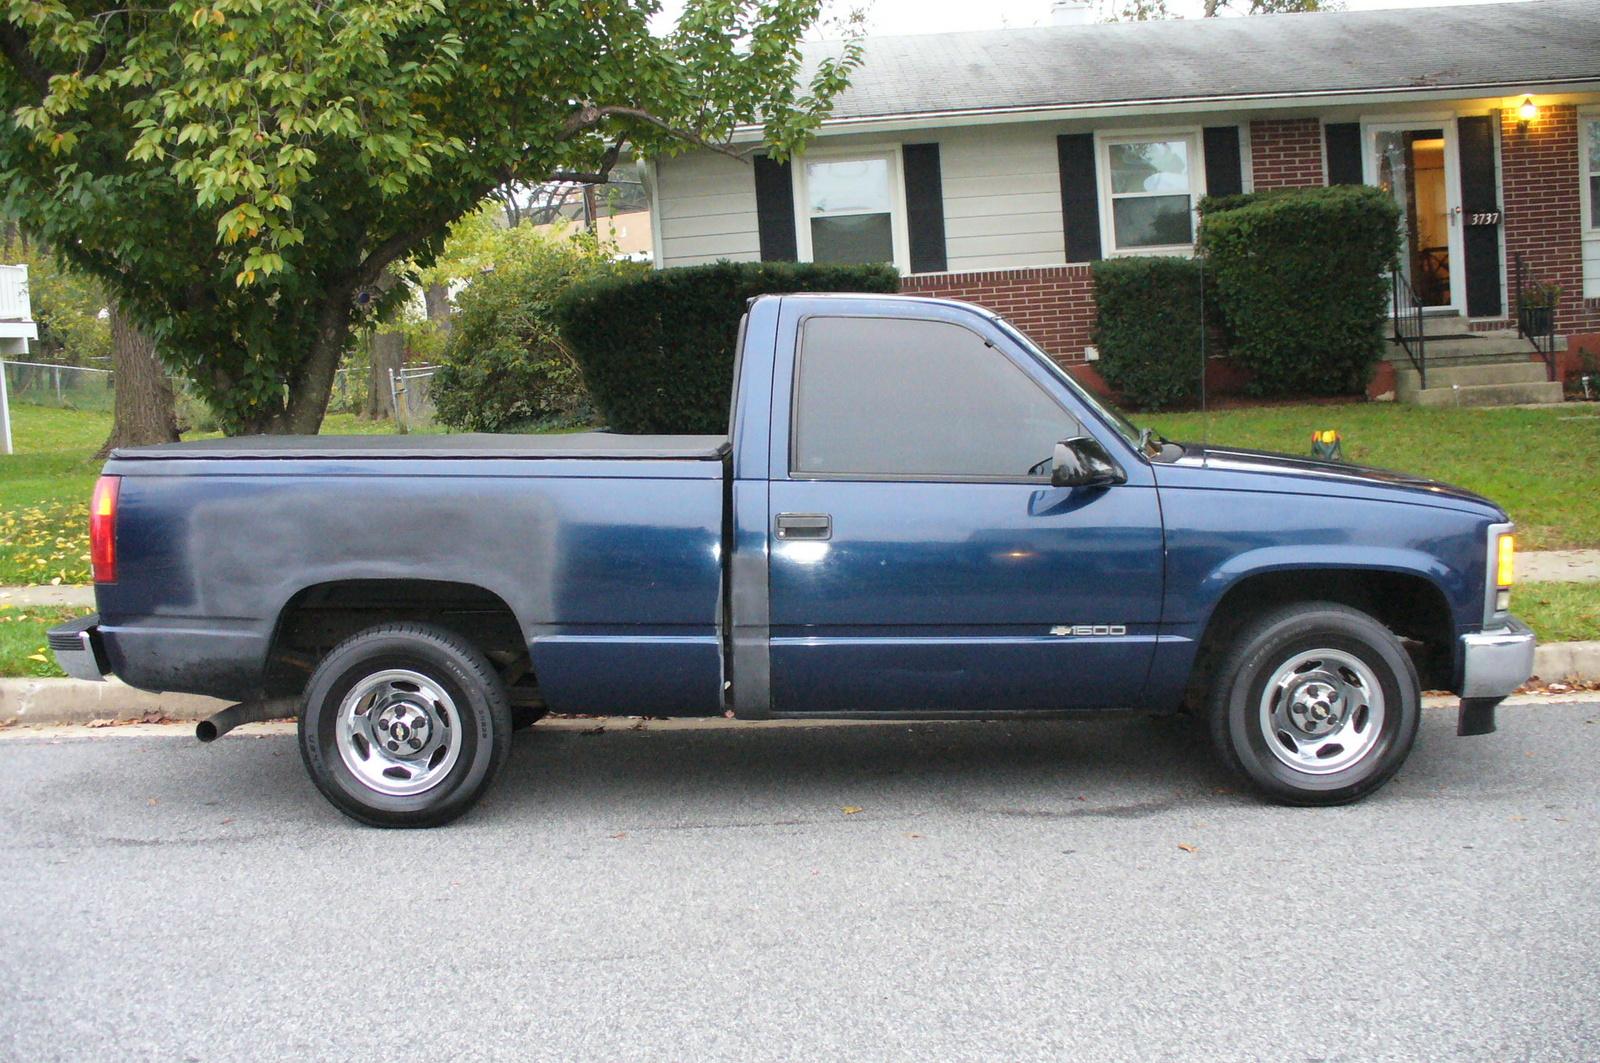 1995 Chevy Silverado 1500 Fuse Box Schematics Wiring Diagrams Uplander 95 Camaro Z28 Diagram Get Free Image Suburban 2001